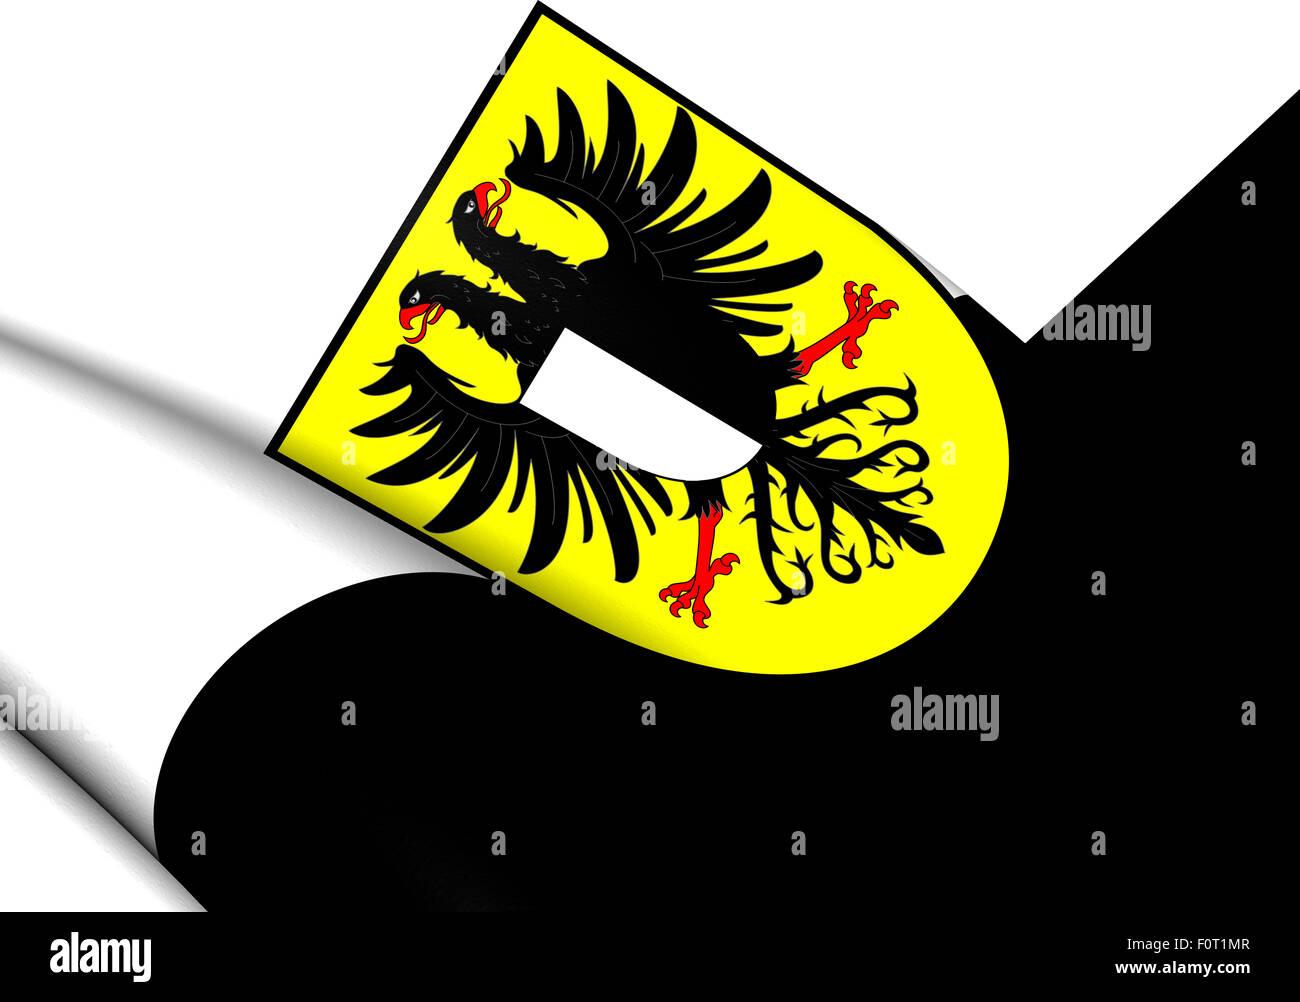 3D Bandiera di Friedberg (Friedberg in der Wetterau), Germania. Close up. Foto Stock